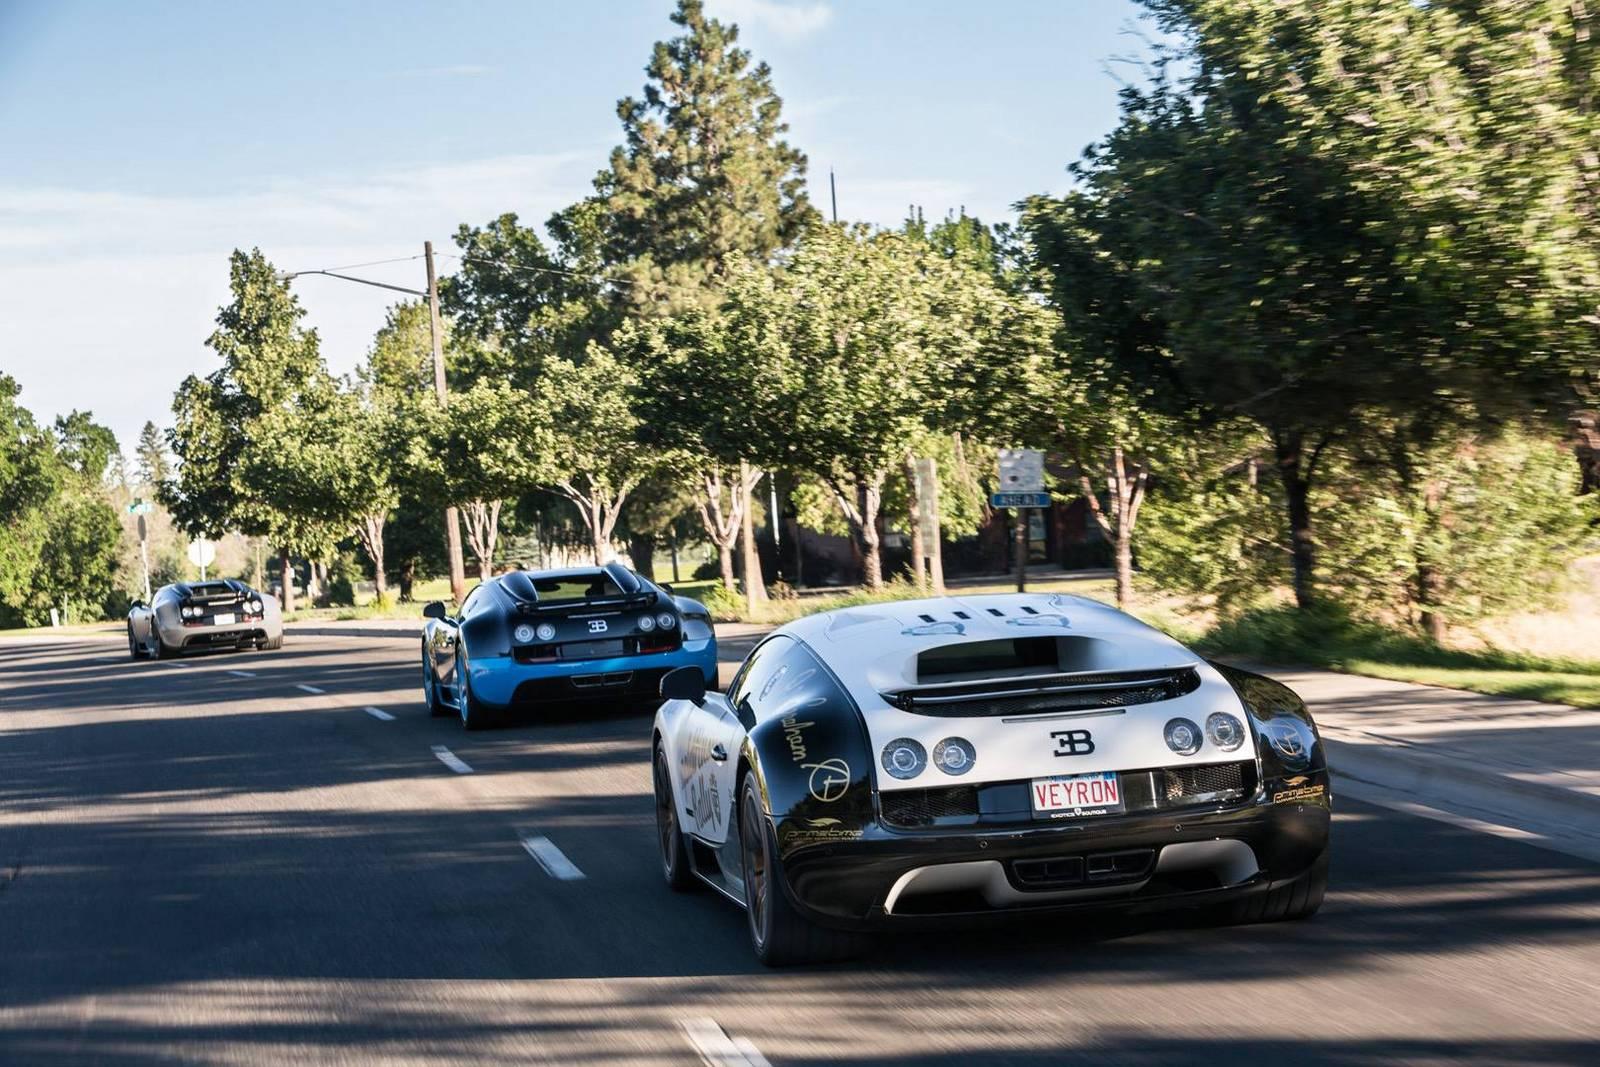 Фото | Три Bugatti Veyron на дороге. 2014 год